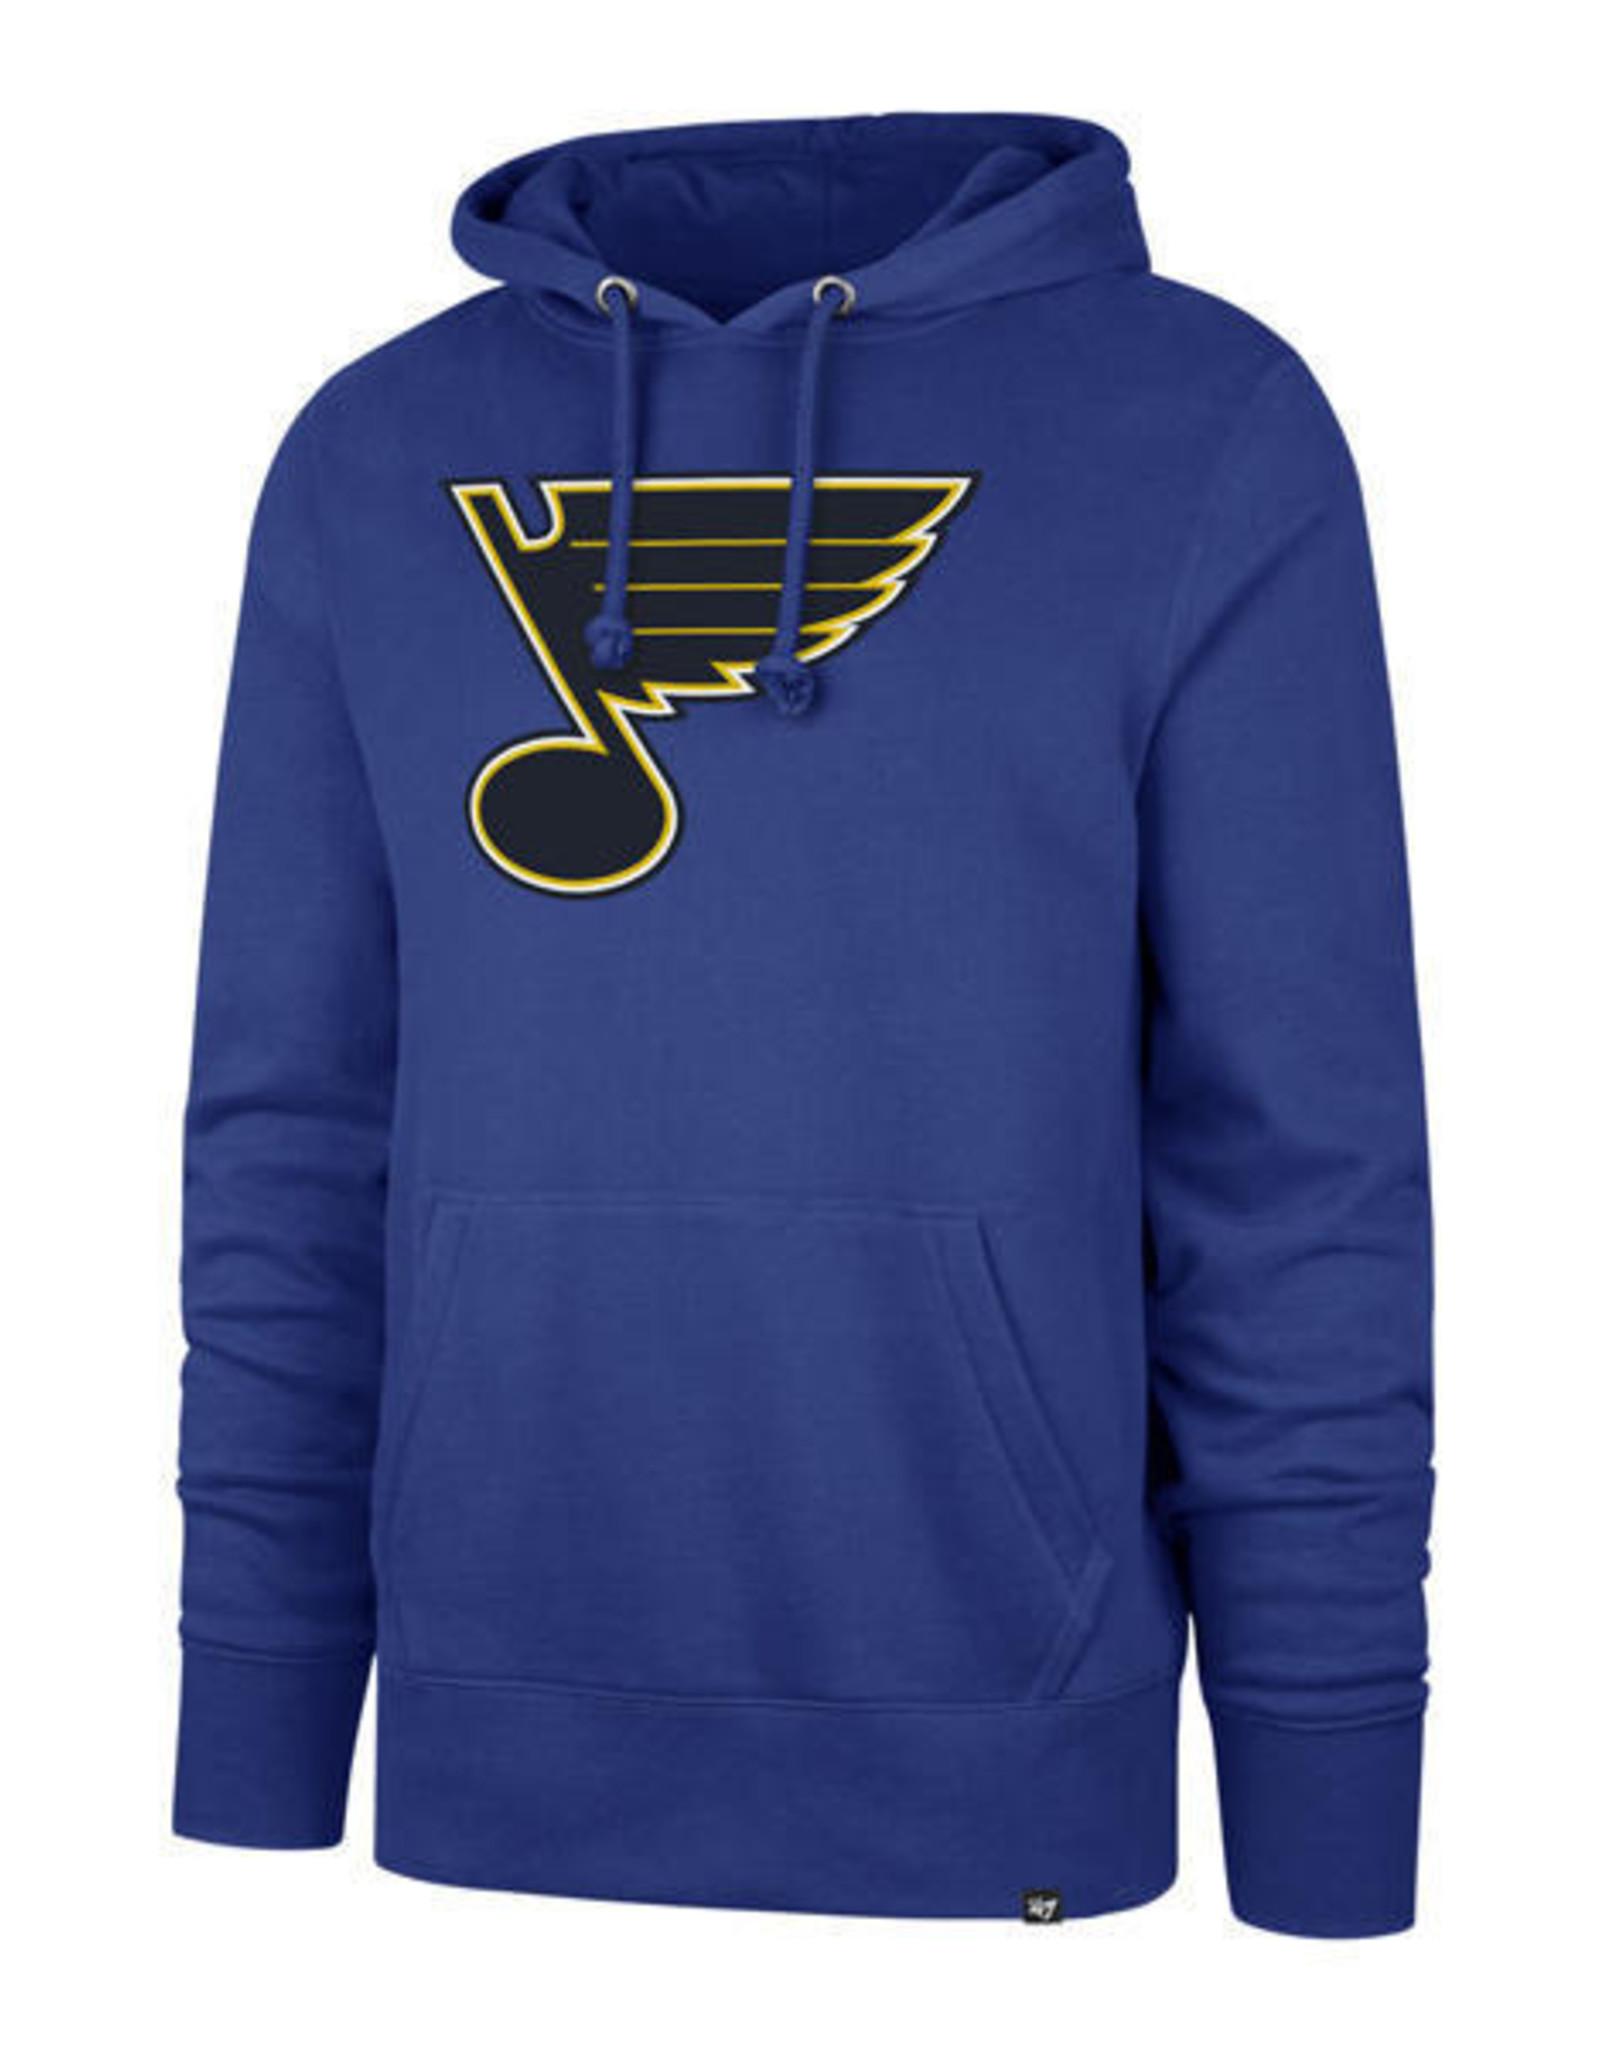 47 Brand 47 Brand St. Louis Blues Hoodie